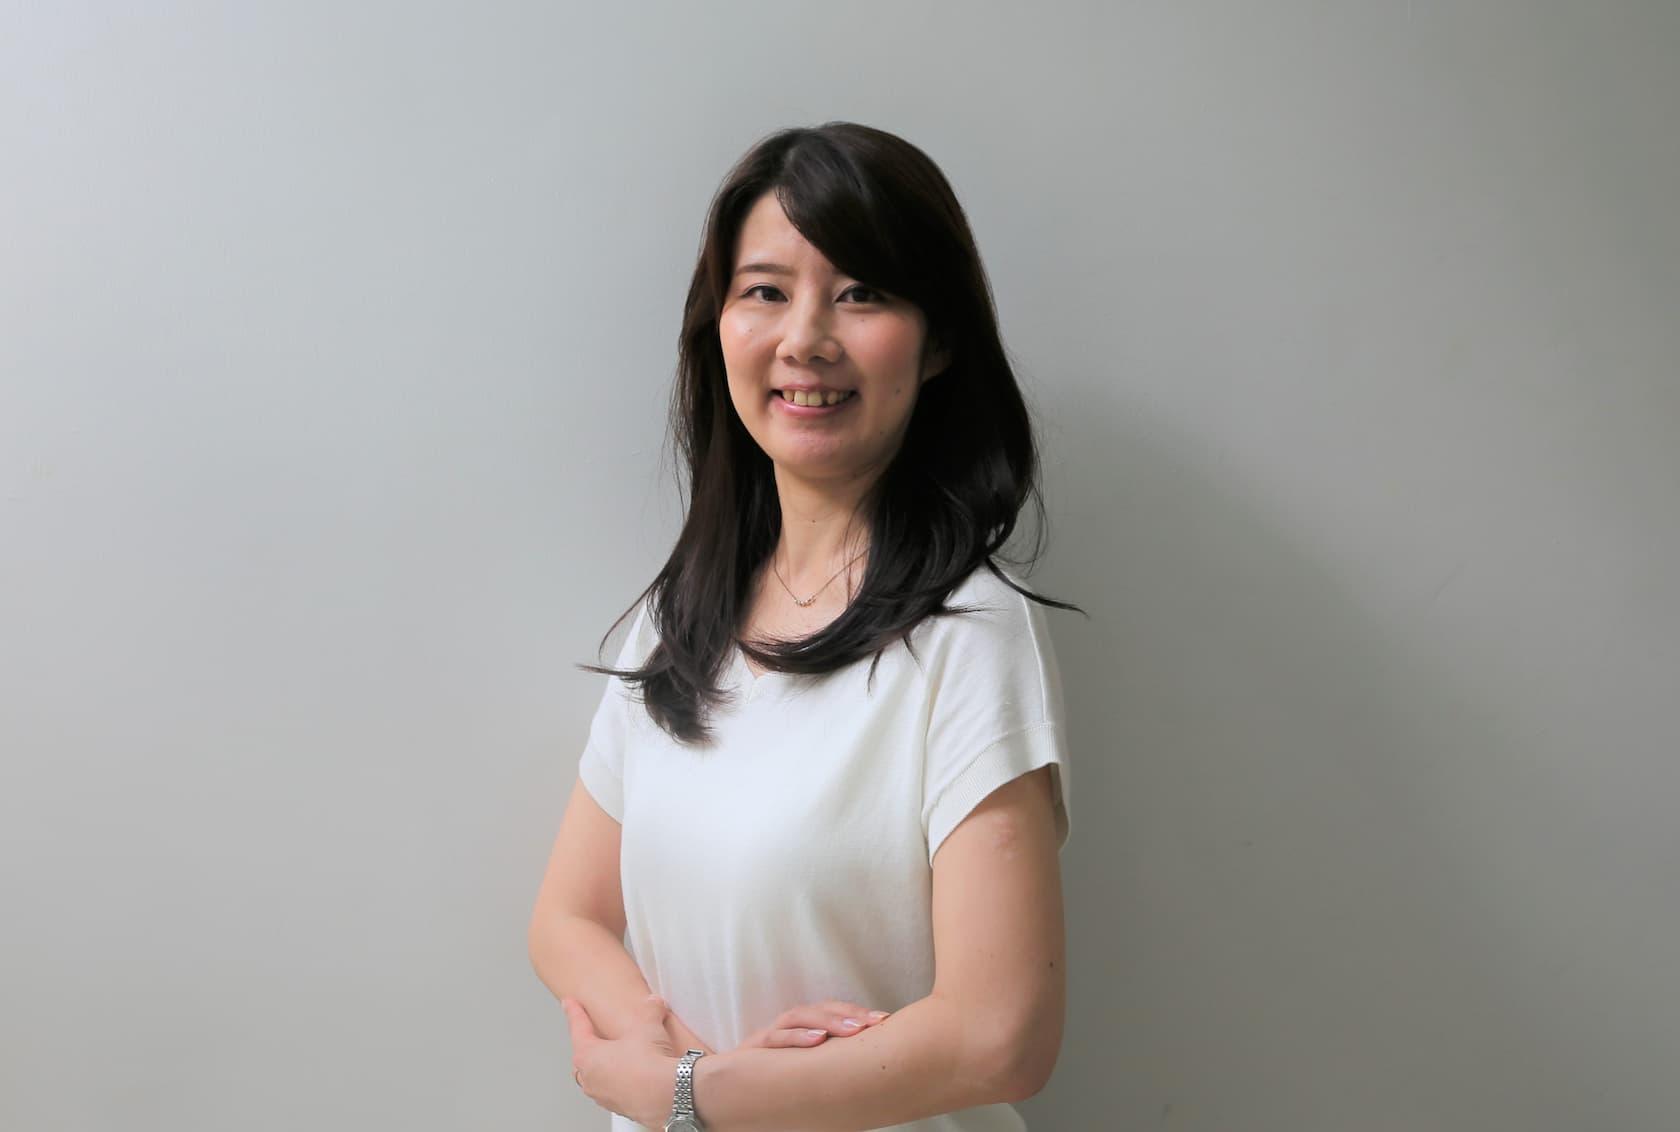 ブランドパートナー 奥山 志菜(おくやま ゆきな)